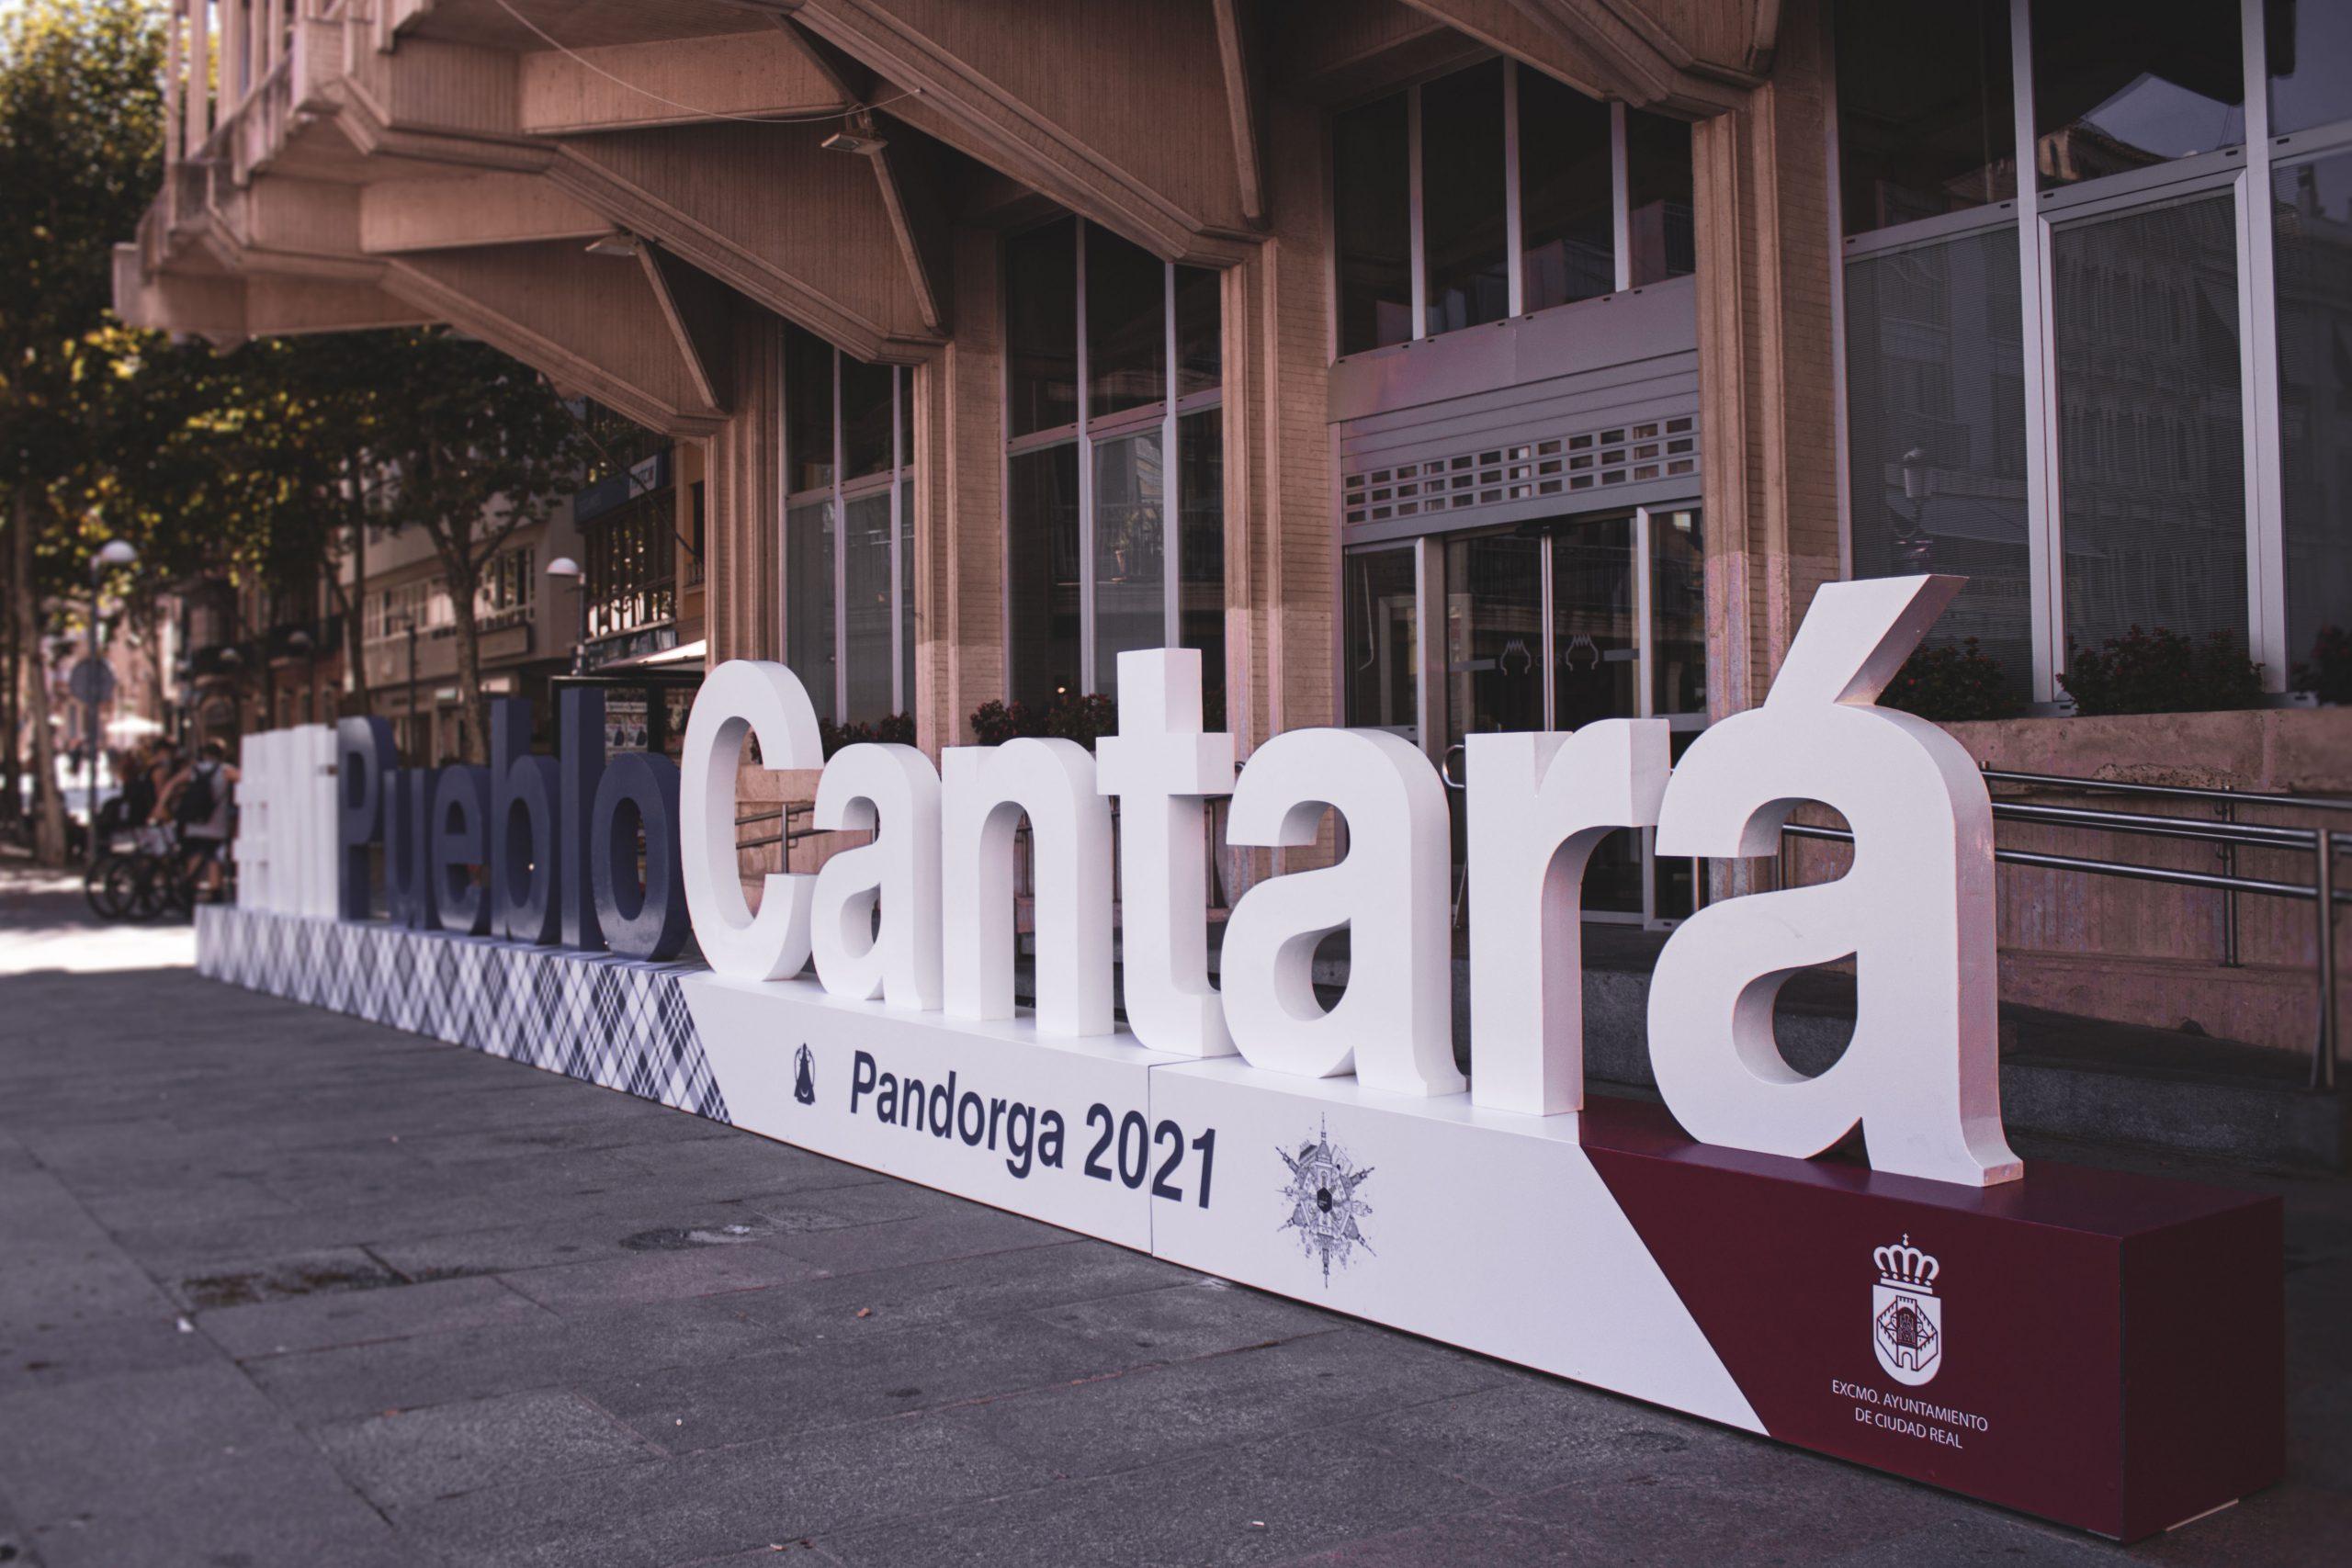 ANCHA Castilla - Pandorga 2021 - #MiPuebloCantará